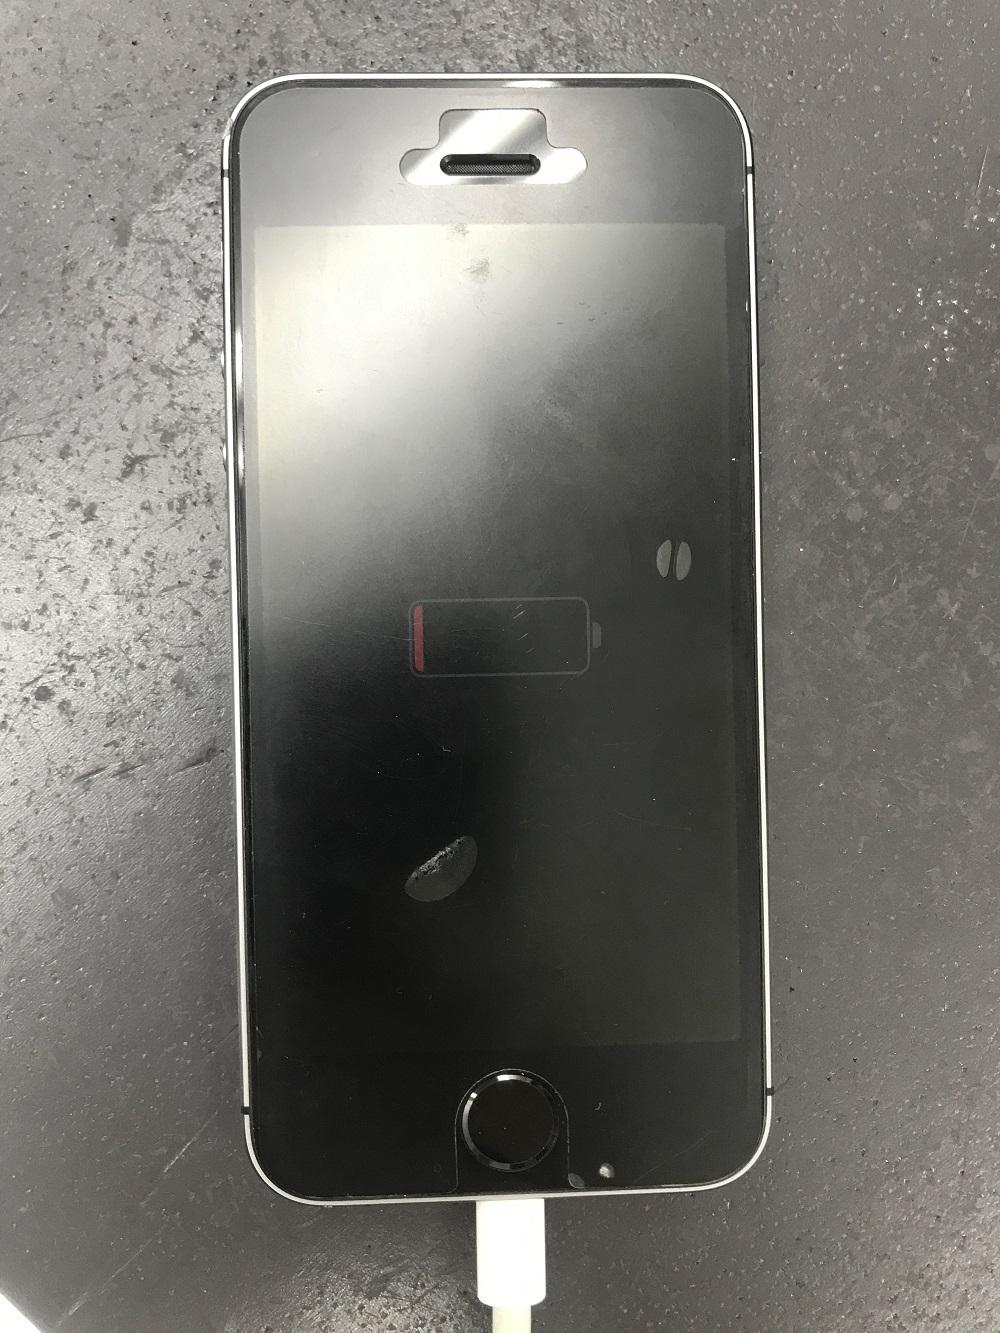 iPhone5s調査 調査前